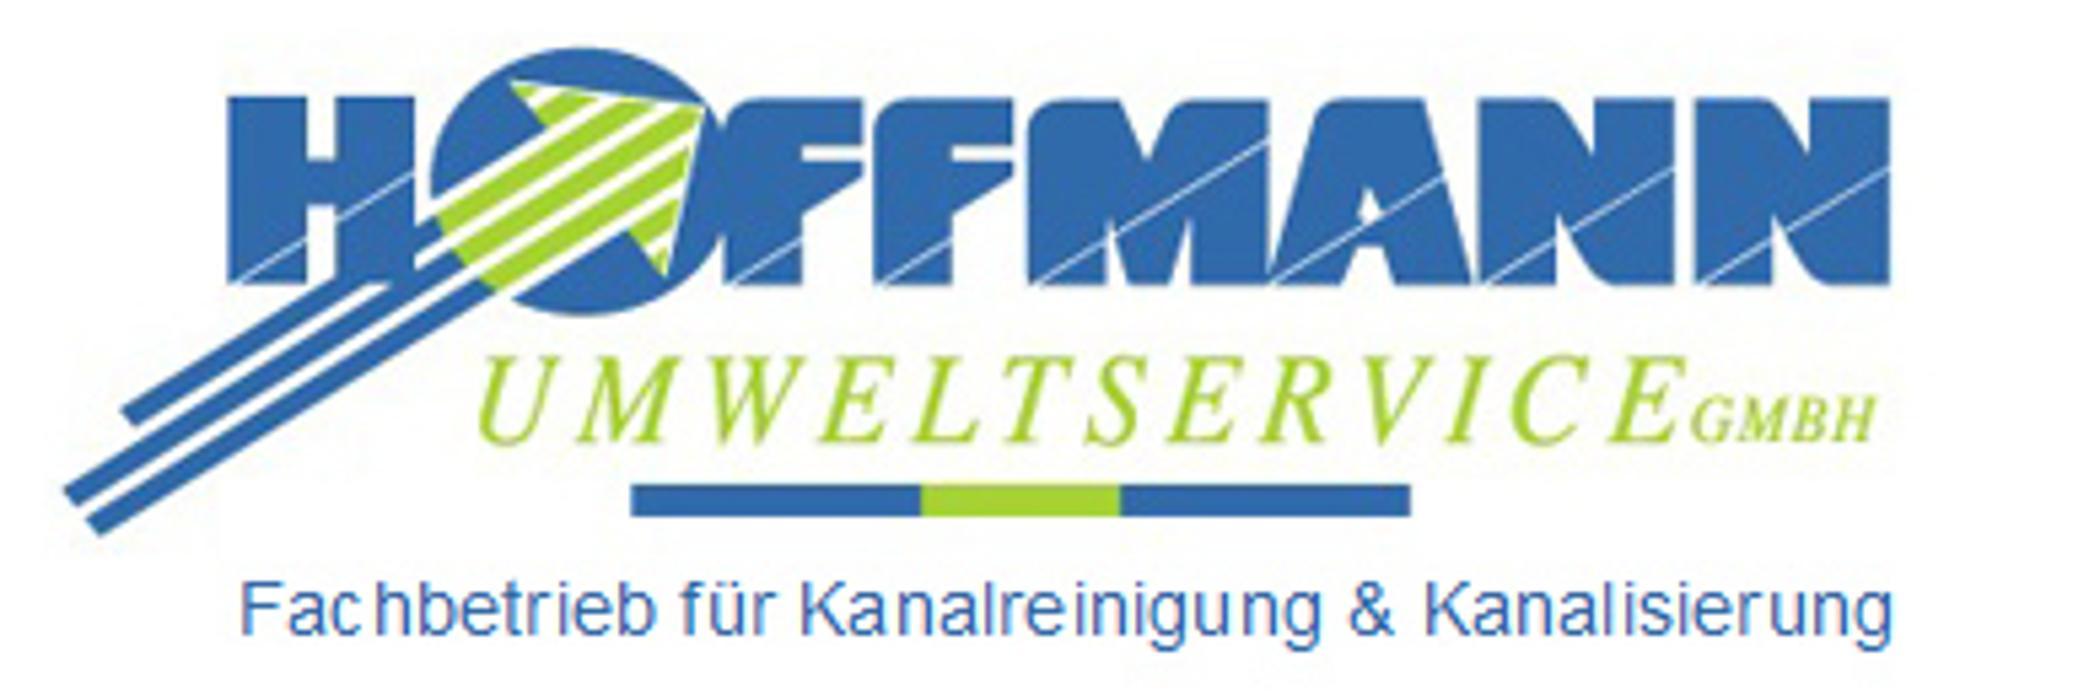 Bild zu Hoffmann Umweltservice GmbH in Dreieich